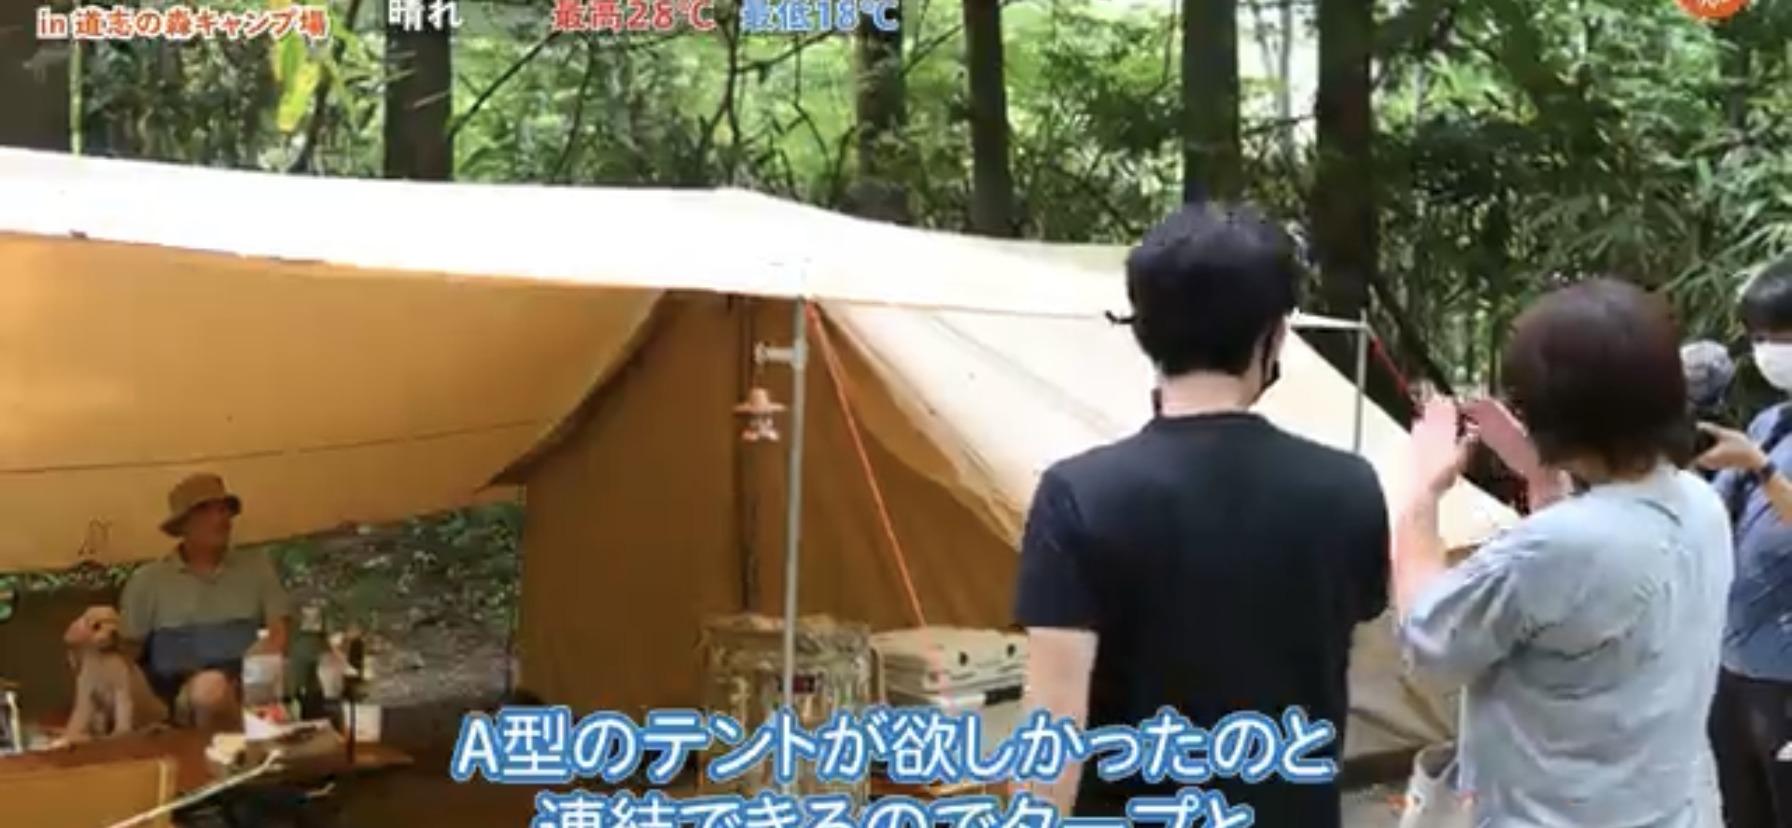 タープ:【DOD(ディーオーディー)】 ヒレタープ